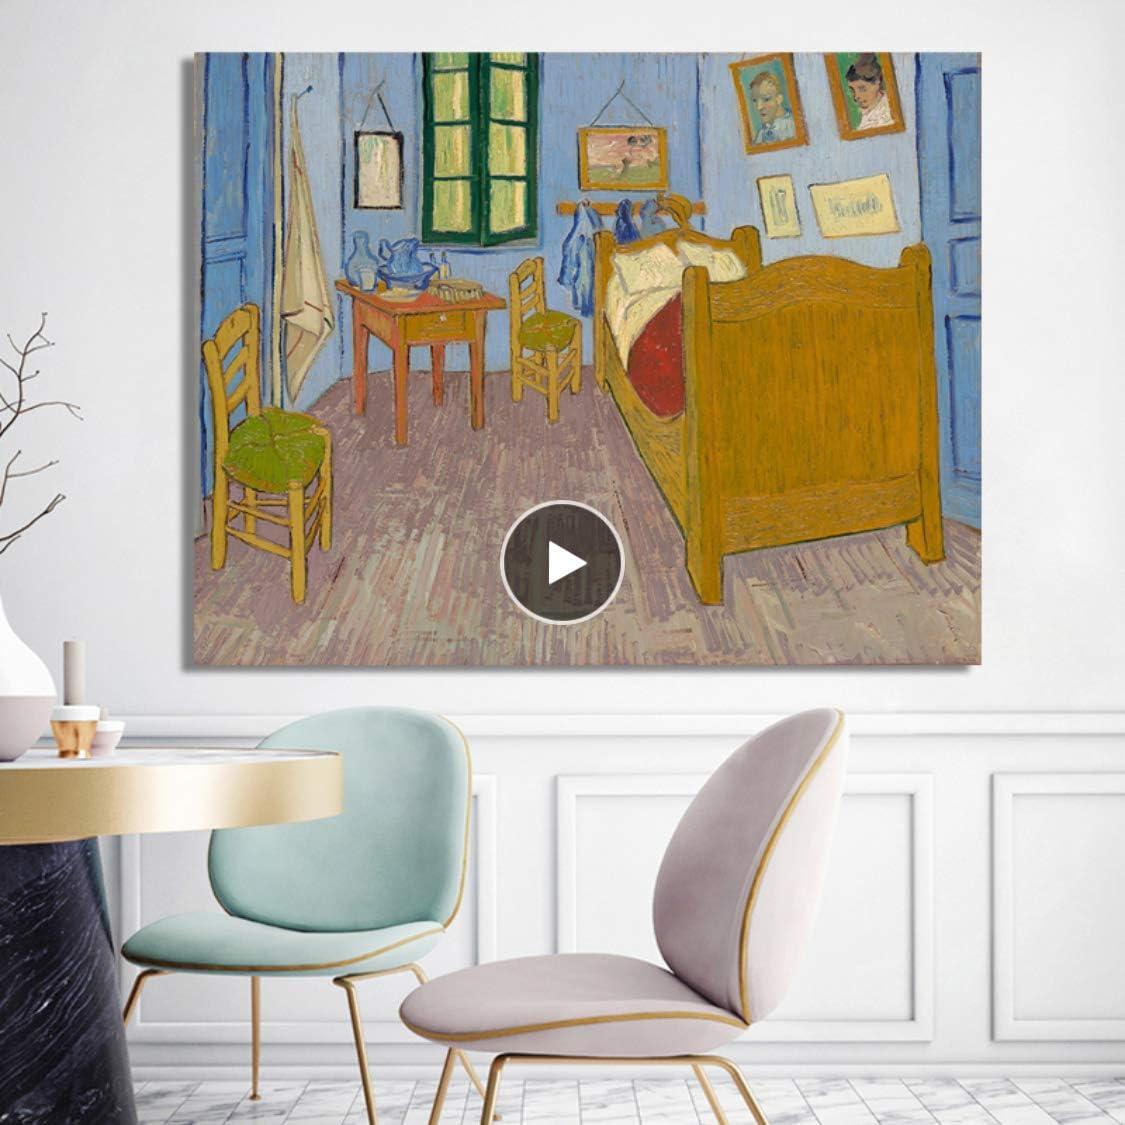 Danjiao Carteles E Impresiones En Lienzo Arte De La Pared Pintura En Lienzo El Dormitorio De Vincent En Arles Cuadros Decorativos Para La Decoración Del Hogar De La Sala De Estar Sala De Esta 60x90cm